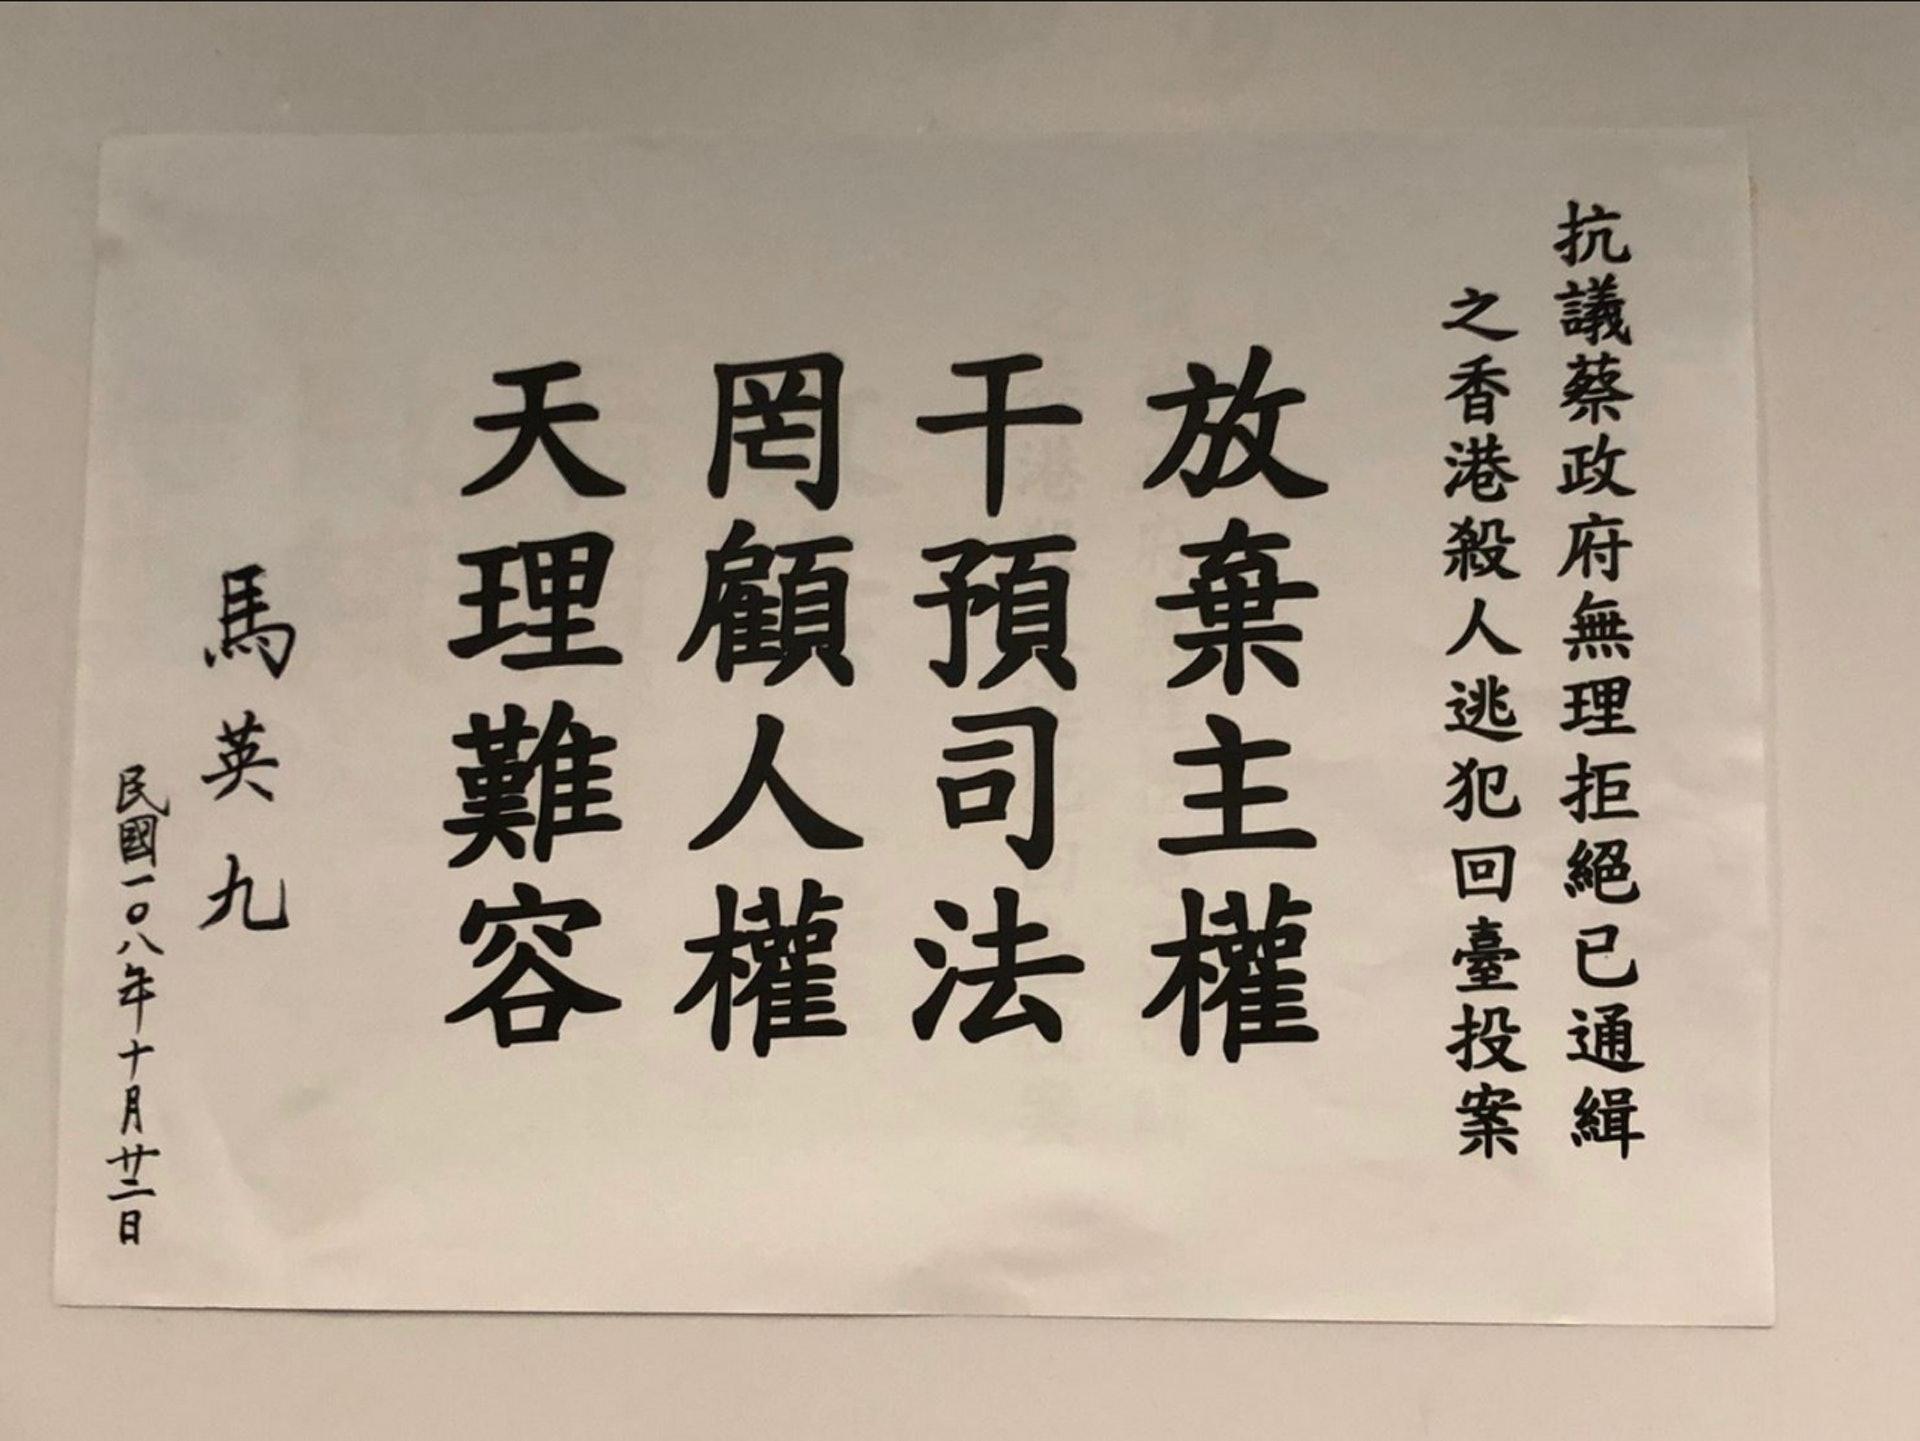 馬英九批評蔡英文政府拒絕陳同佳投案。(馬英九辦公室)